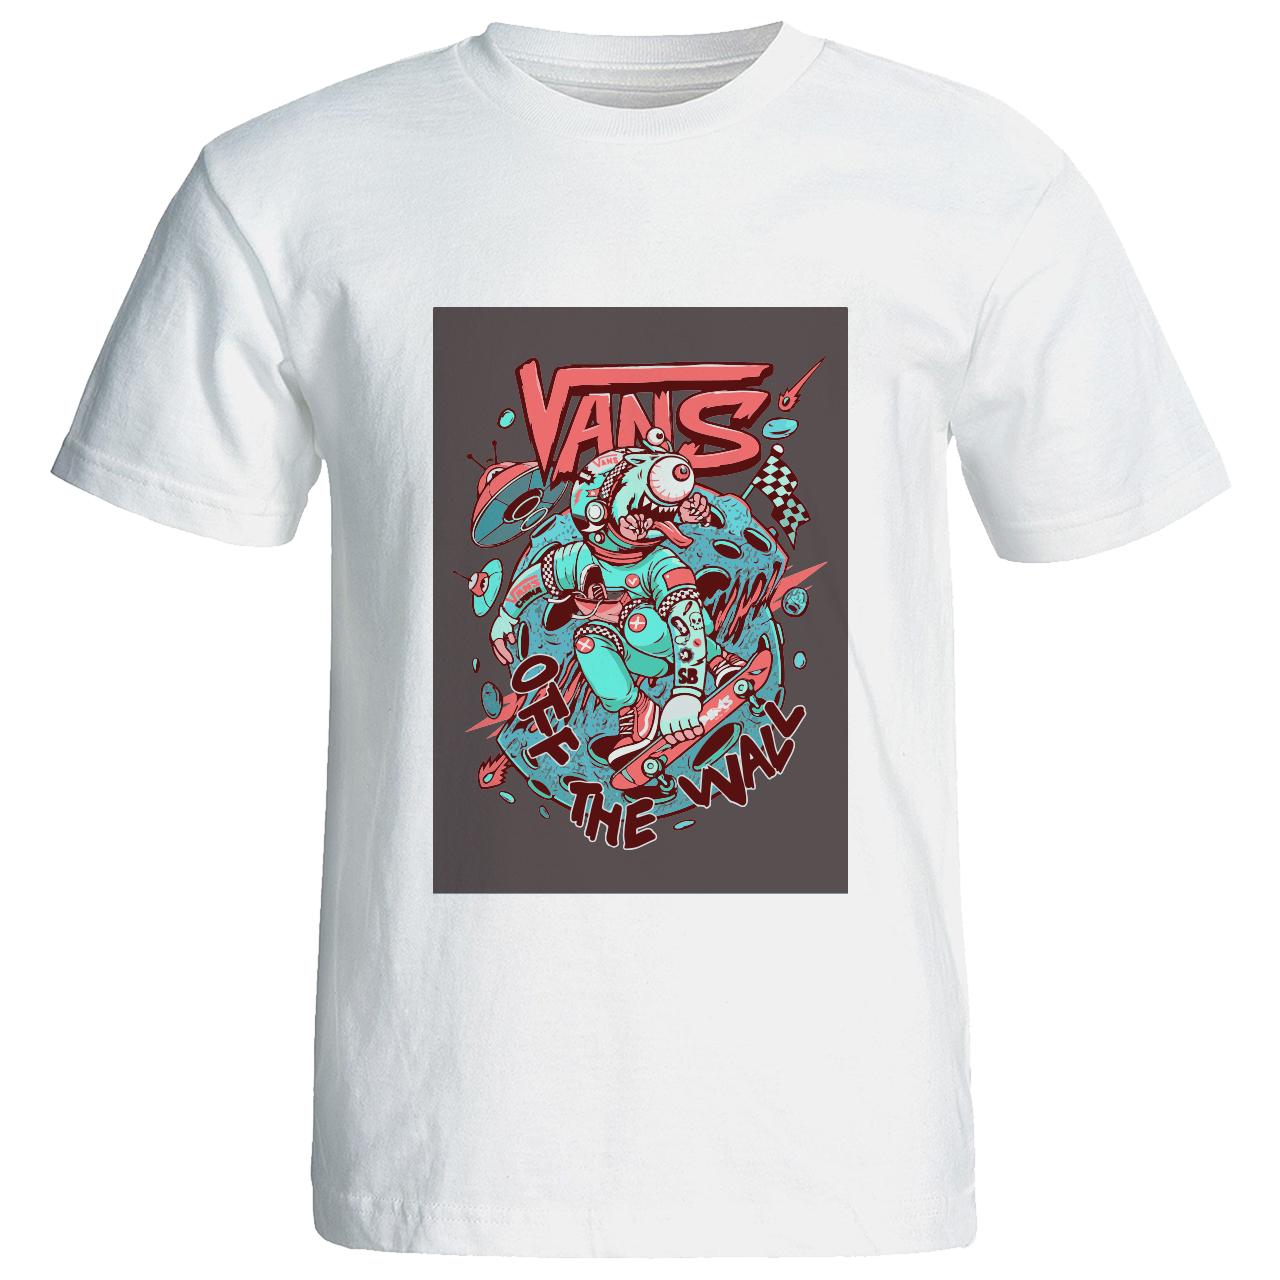 تی شرت گورانا طرح ونس فانتزی Vans of the wall 12231